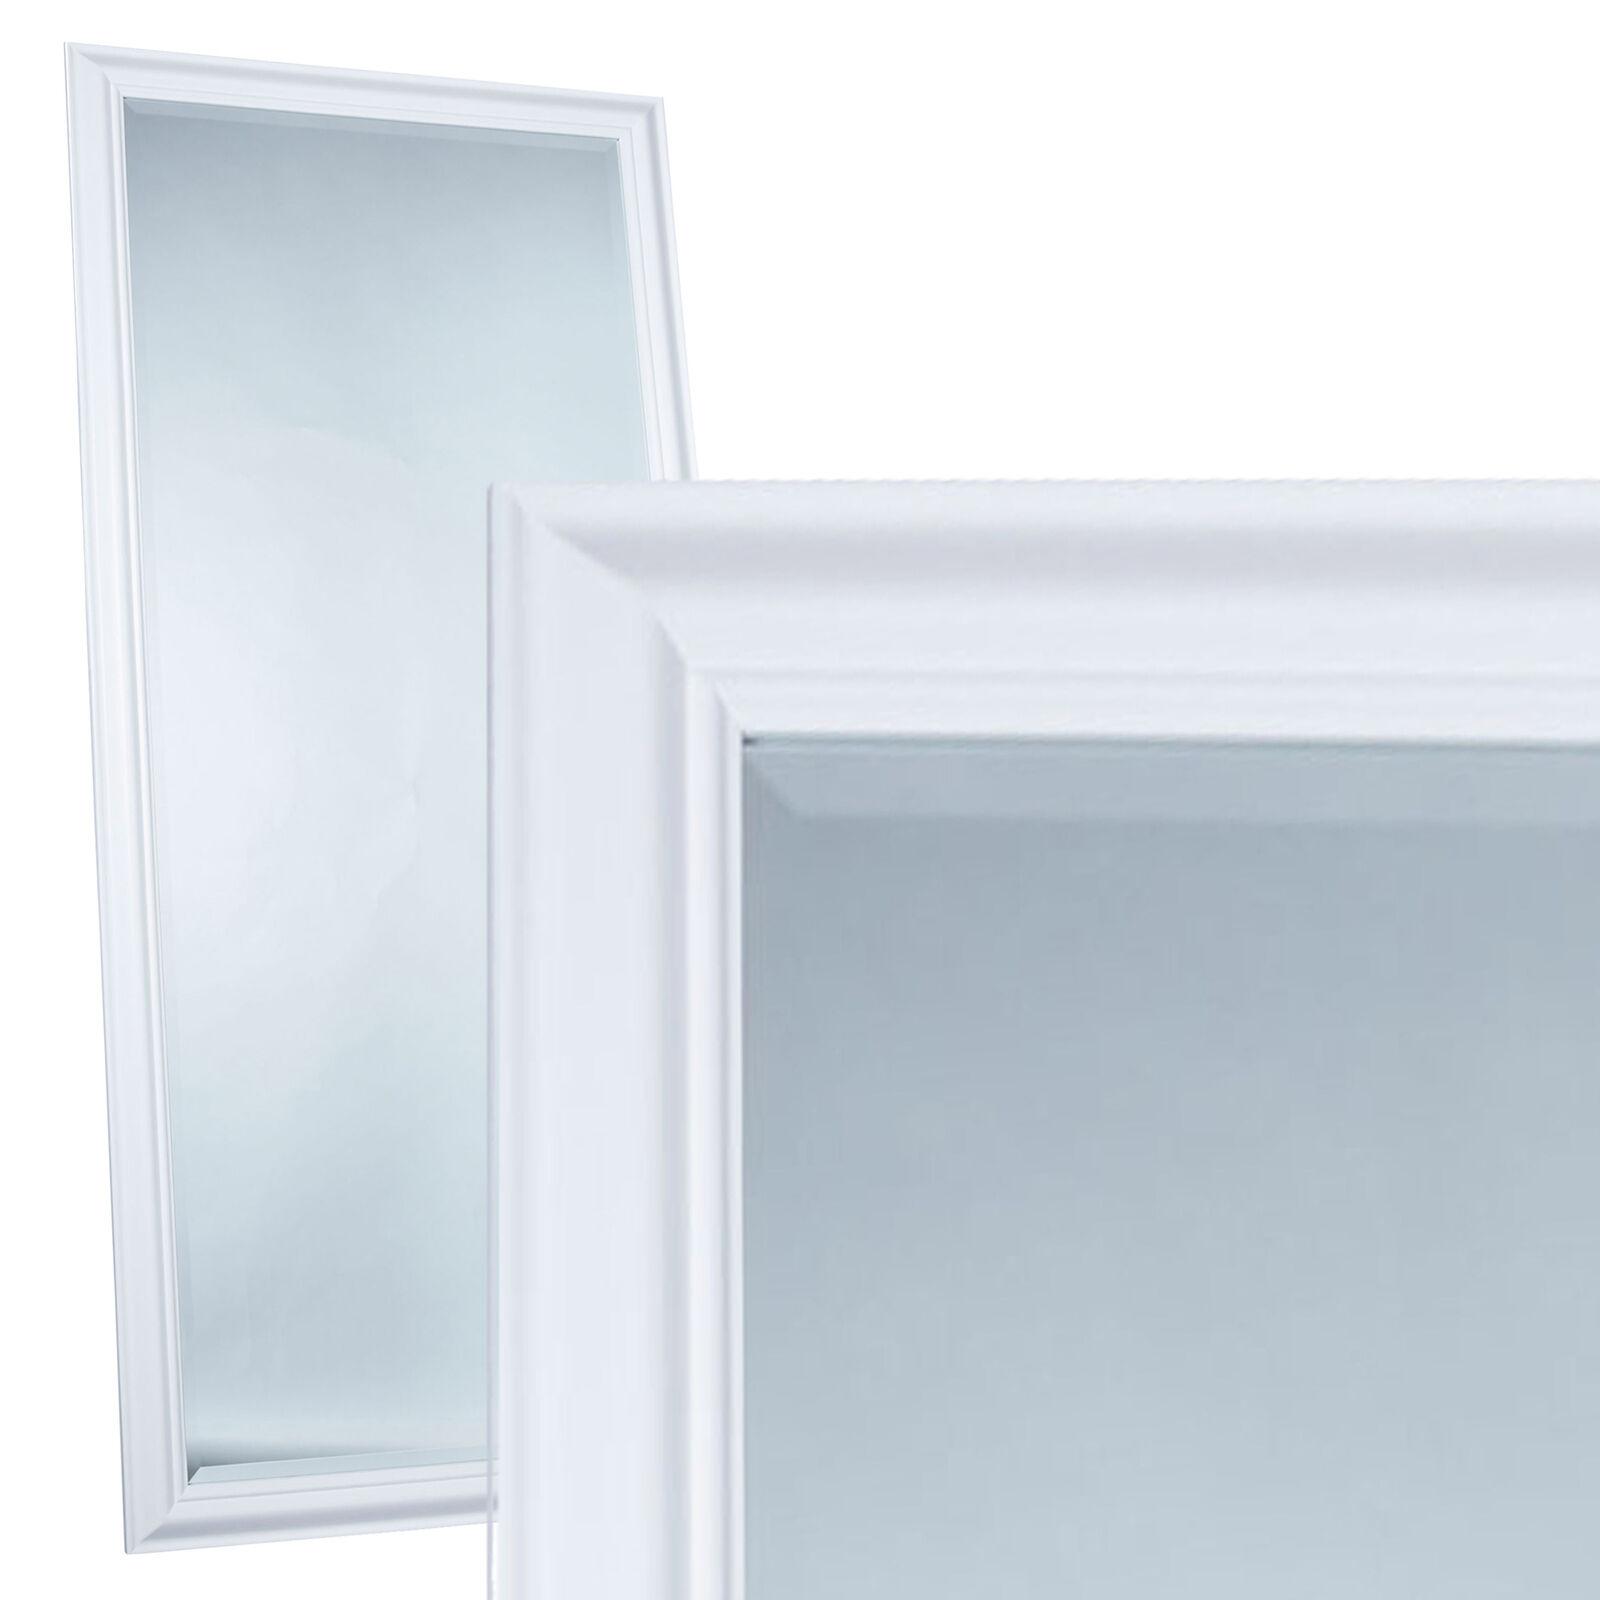 Wandspiegel Spiegel ca. 180 x 80 cm weiß schlichter Landhaus-Stil Facettenschl.